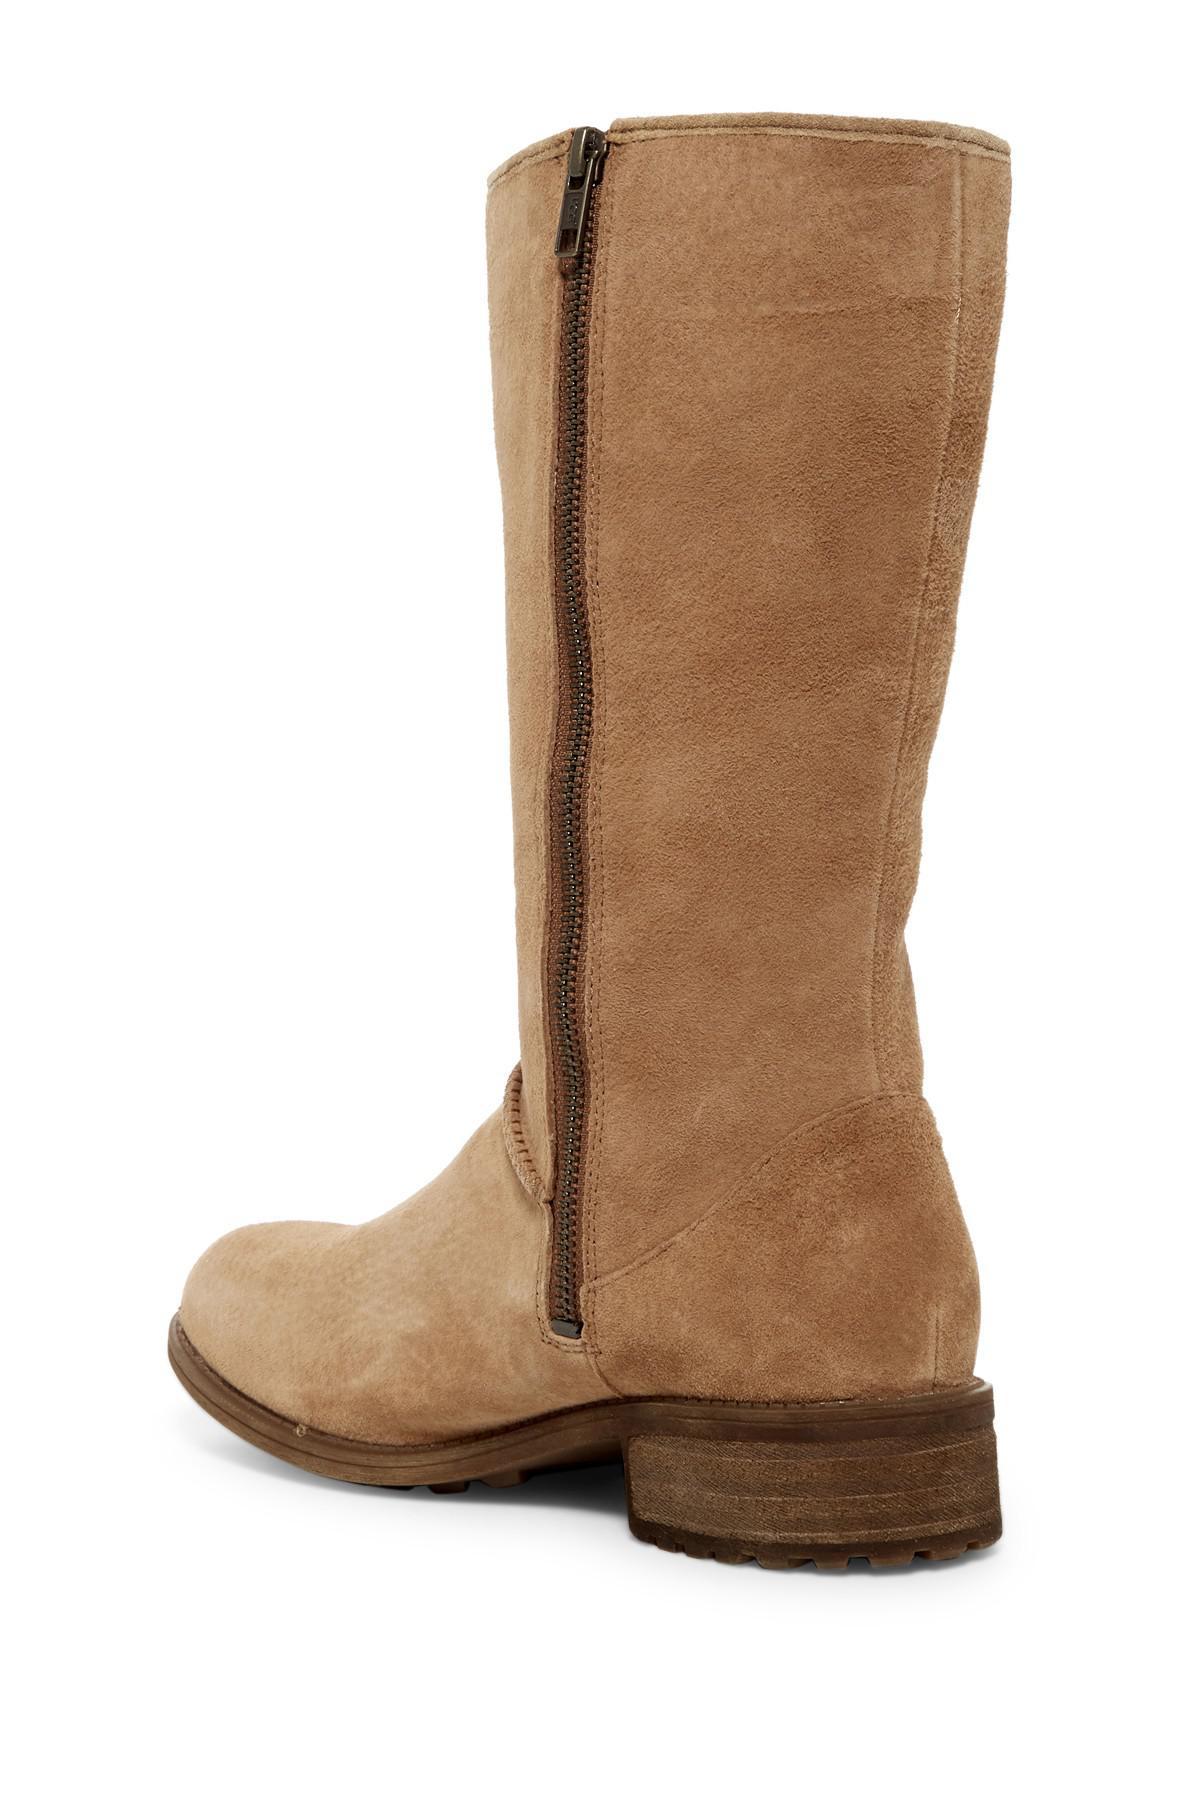 3f7a7c5cabd ugg wide calf boots